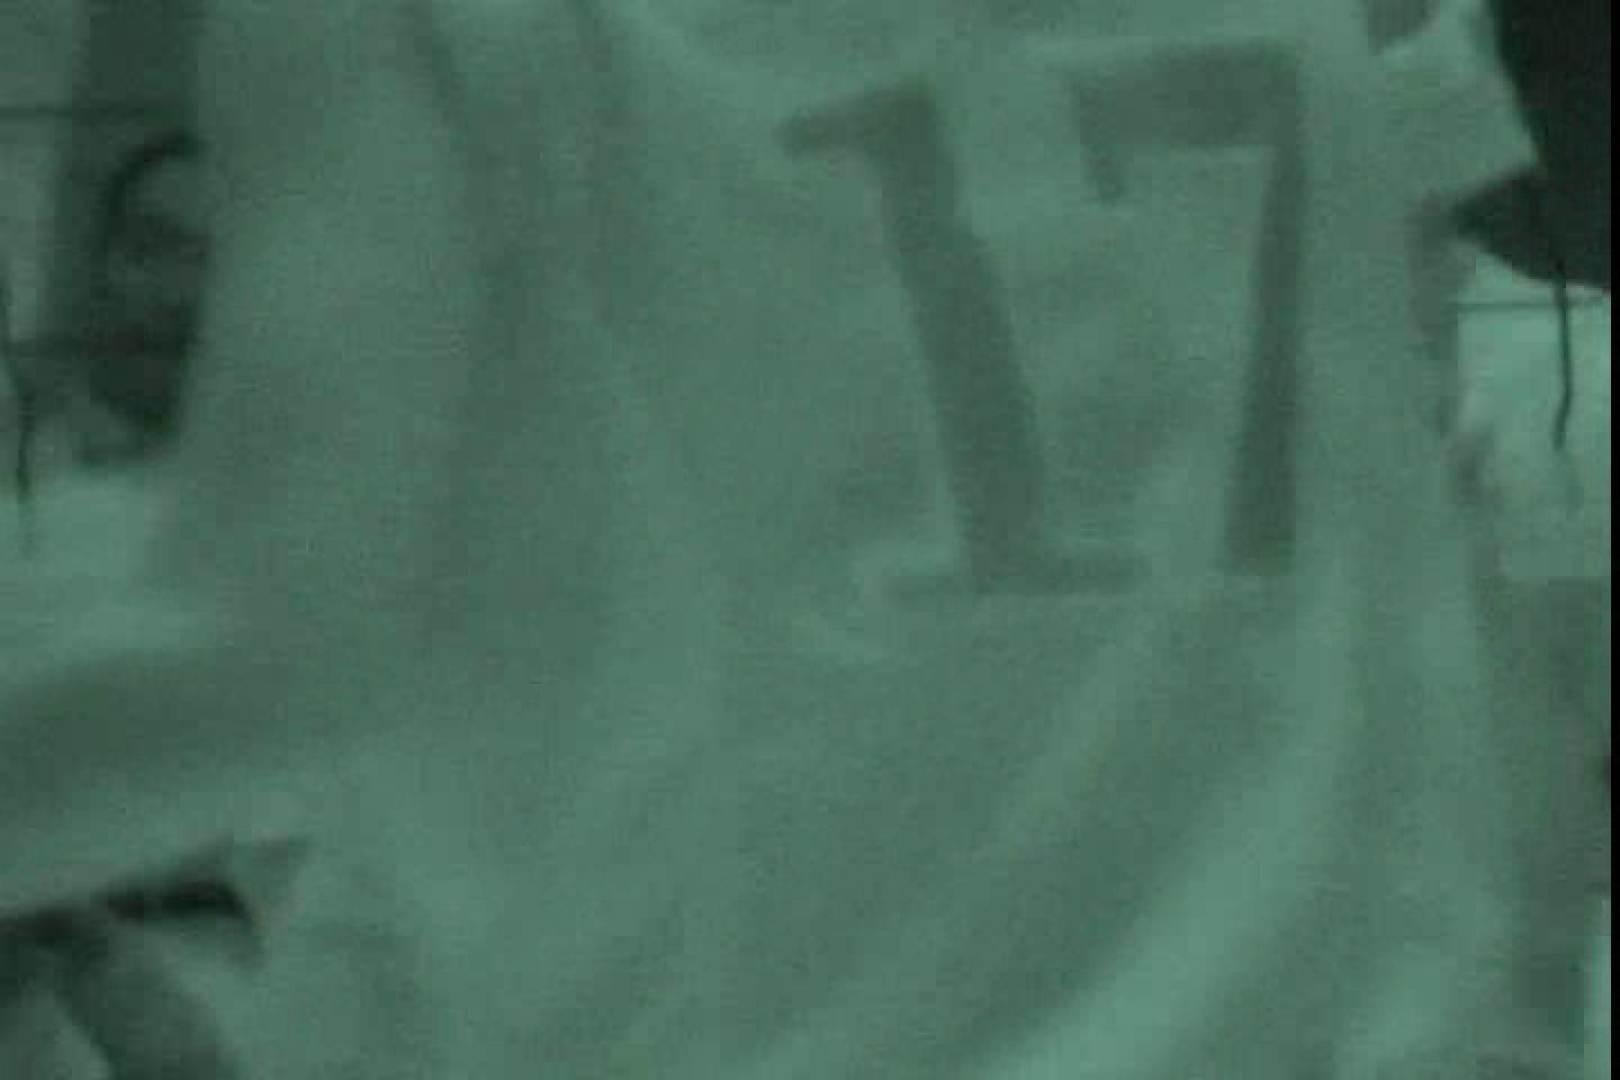 赤外線ムレスケバレー(汗) vol.02 赤外線 セックス無修正動画無料 93pic 41